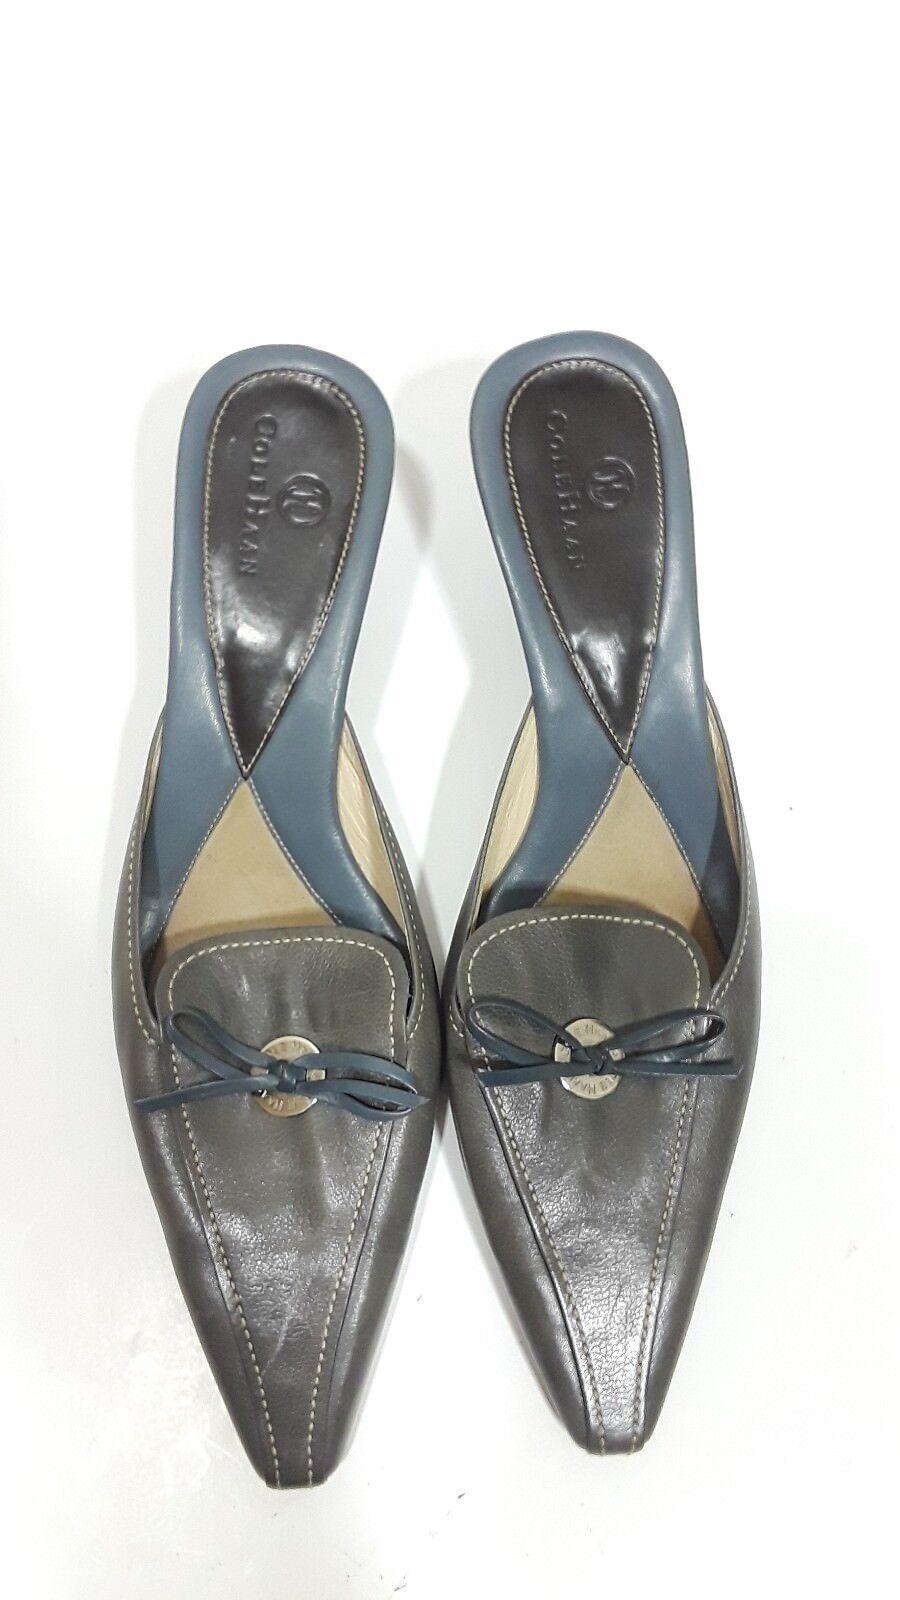 Cole Haan leather kitten 8.5 heels/mules made in Brazil 8.5 kitten b 17b82d